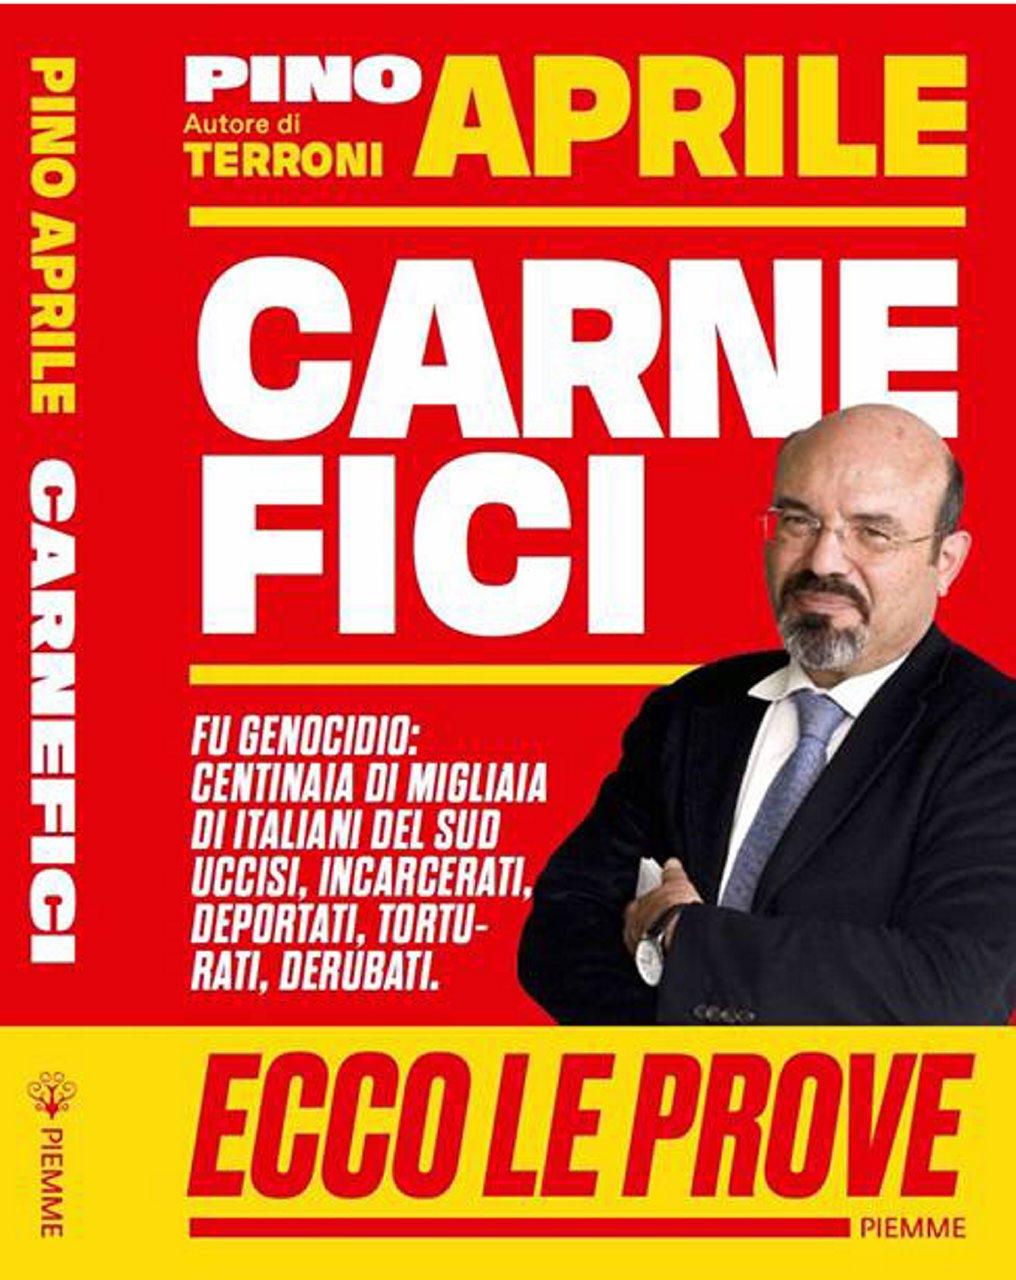 Pino Aprile Carnefici 1#001